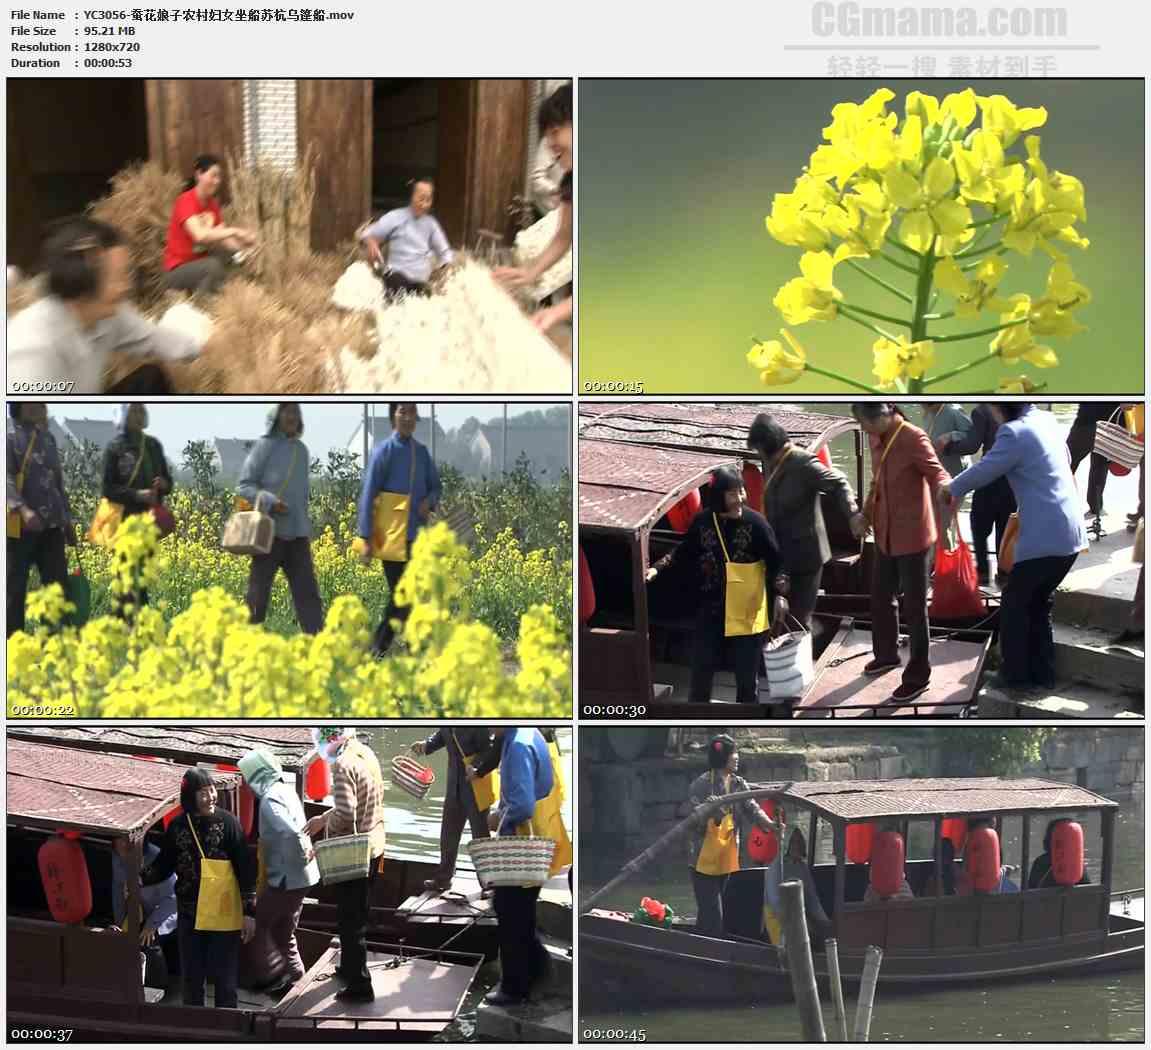 YC3056-蚕花娘子农村妇女坐船苏杭乌篷船高清实拍视频素材